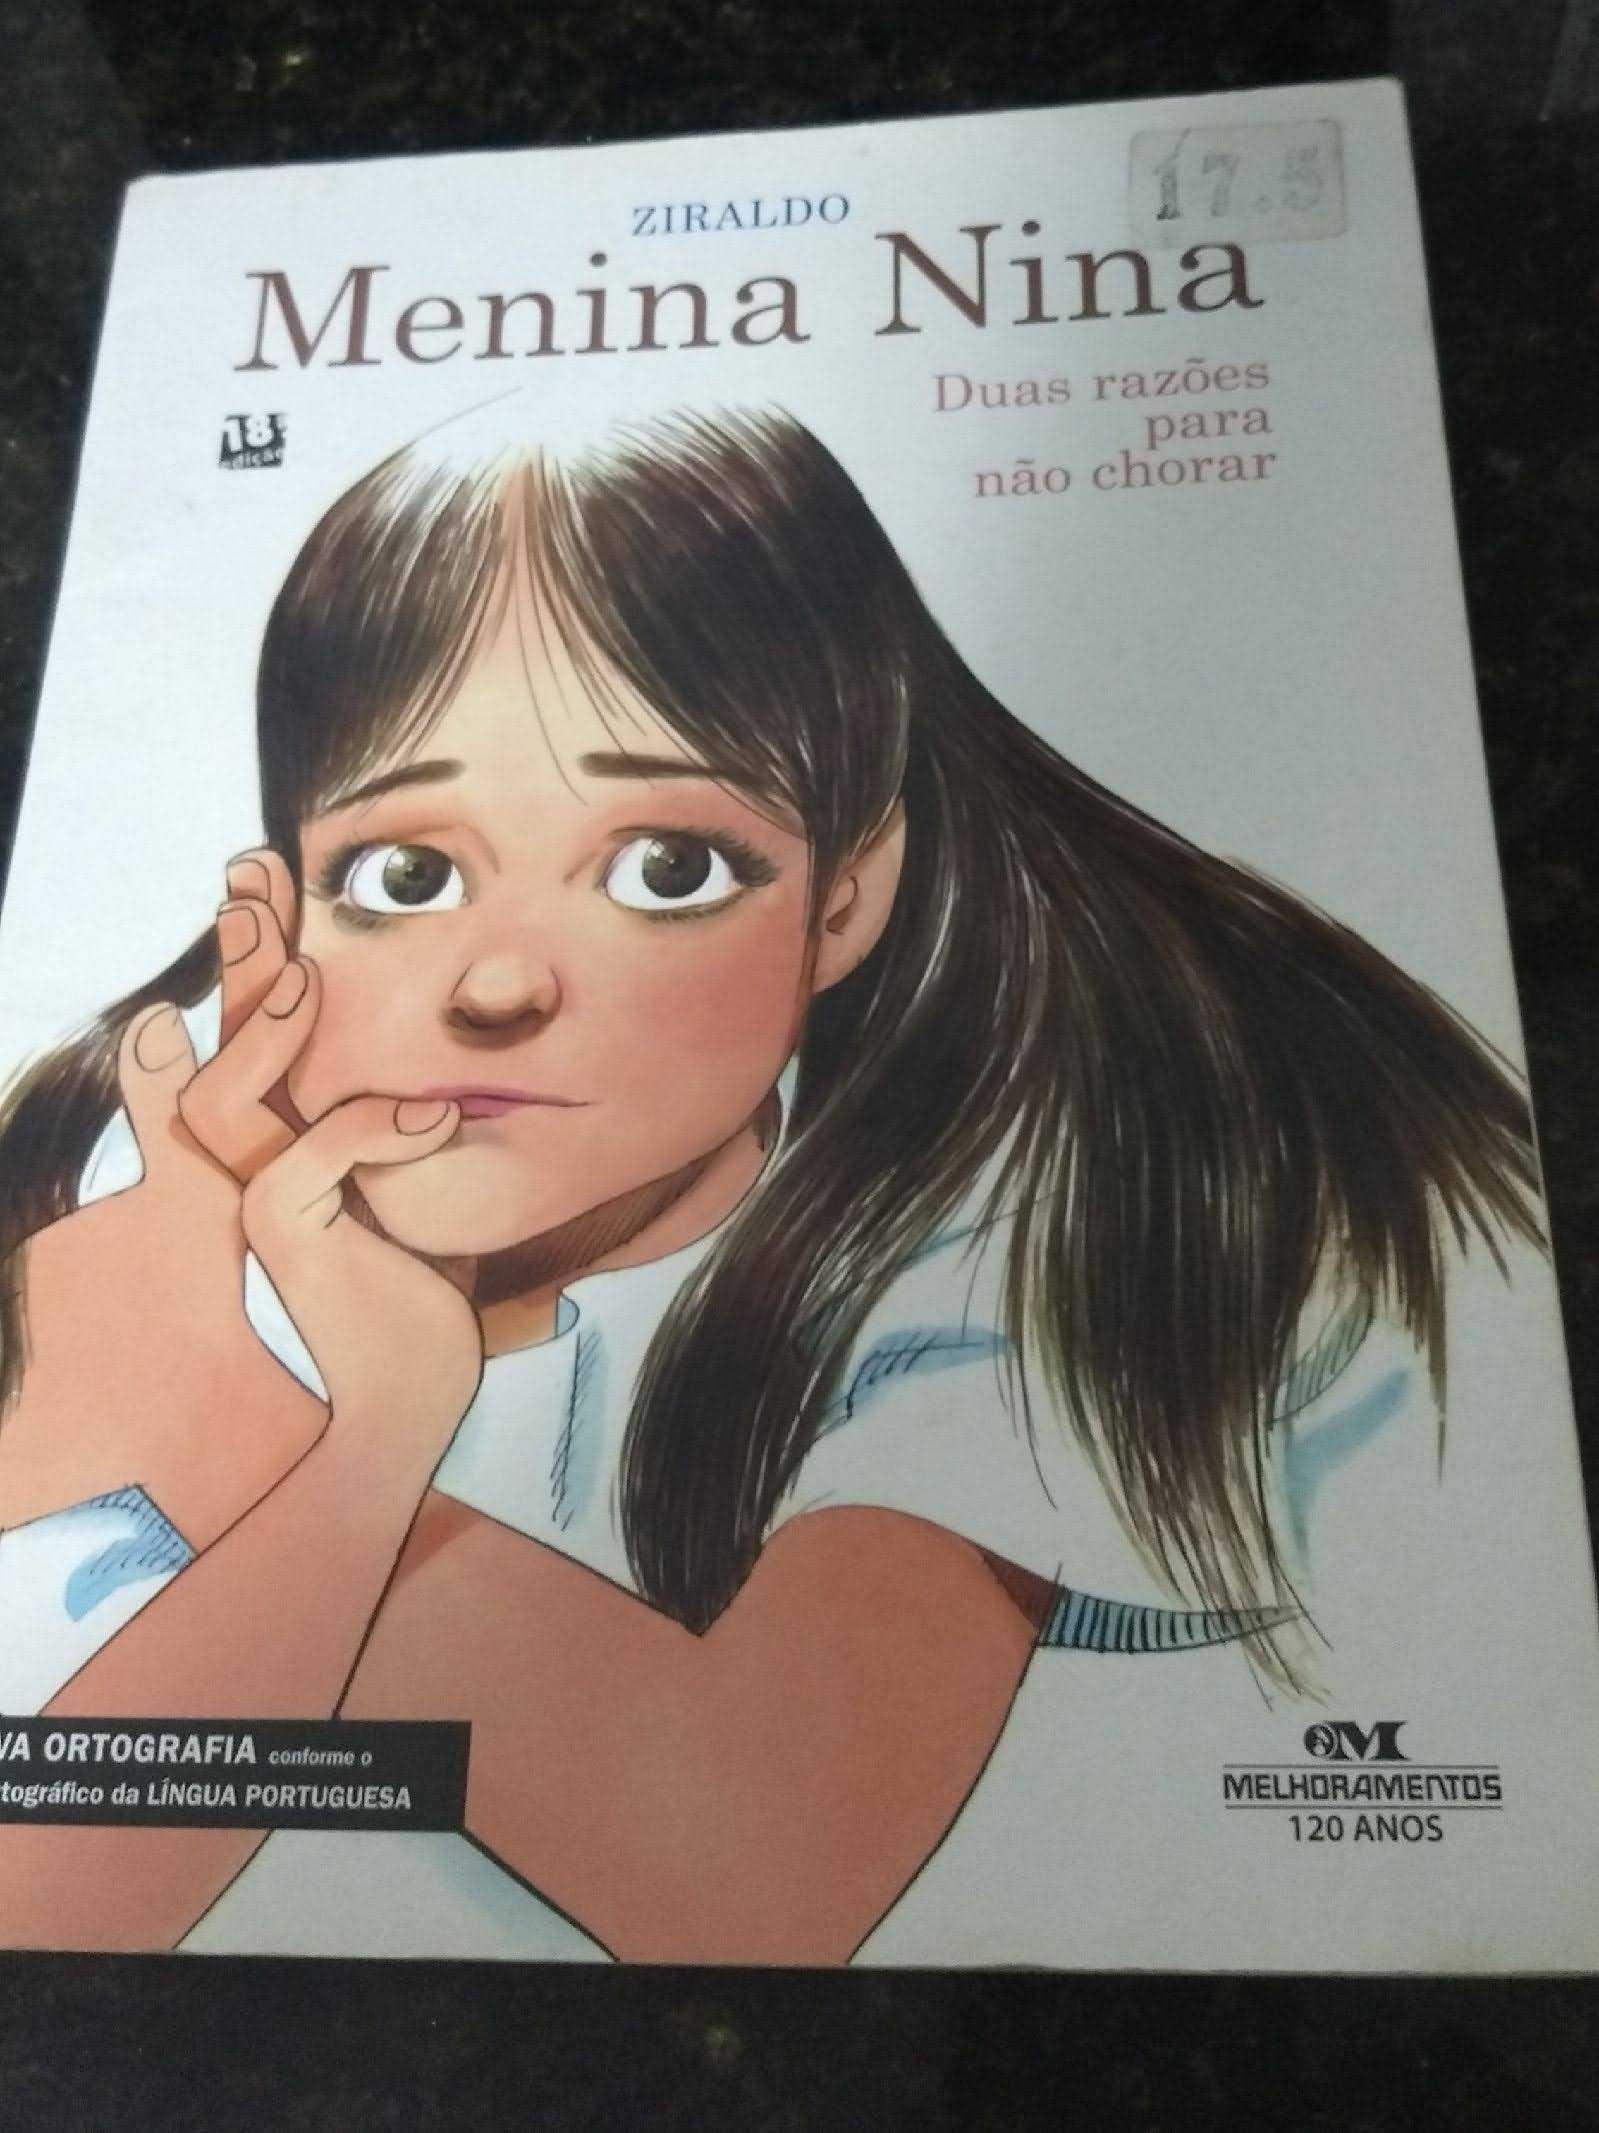 Menina Nina – Duas razões para não chorar